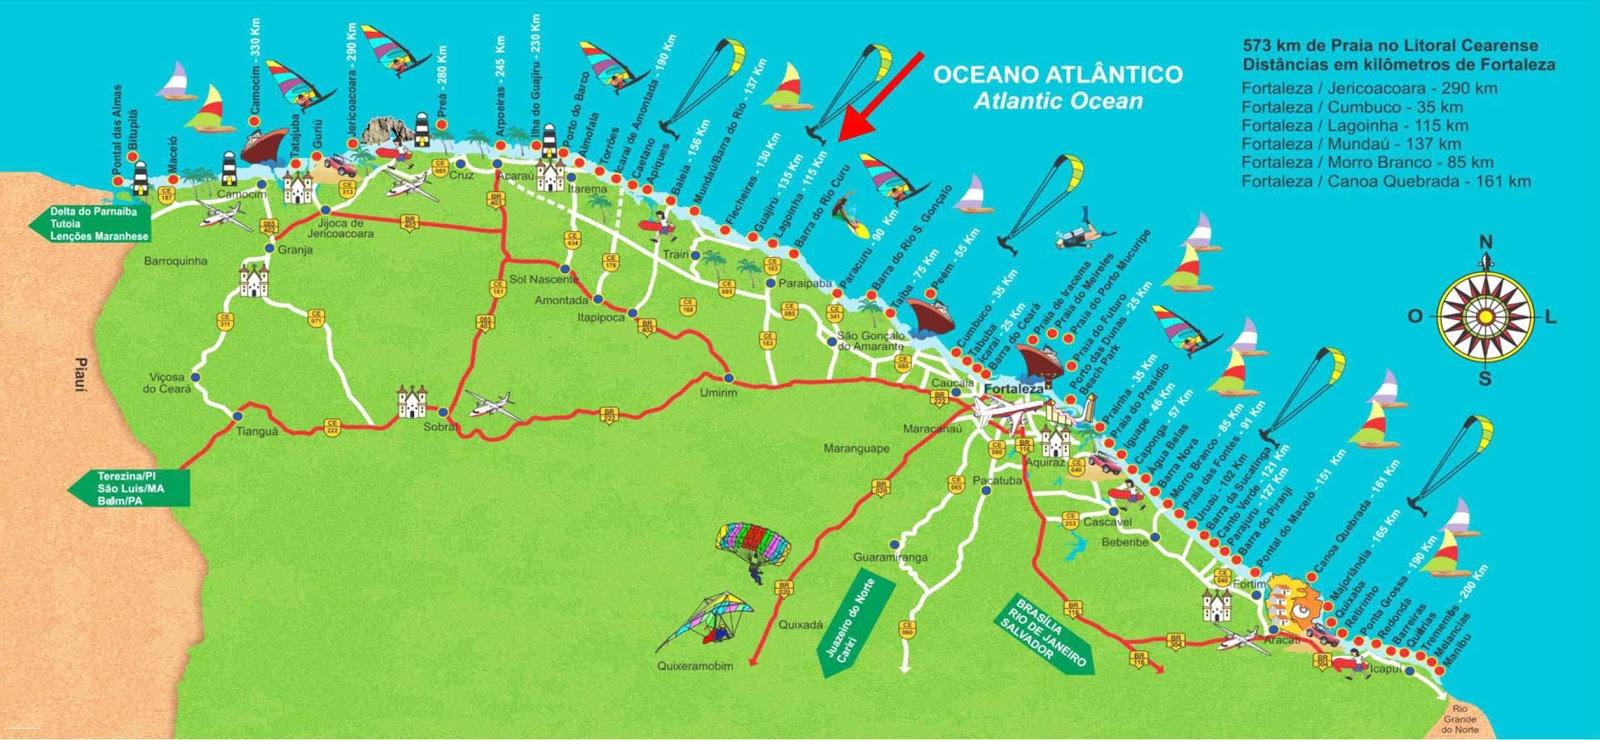 [Imagem: Mapa-Lagoinha_Costa-Oeste-Ceara.jpg]